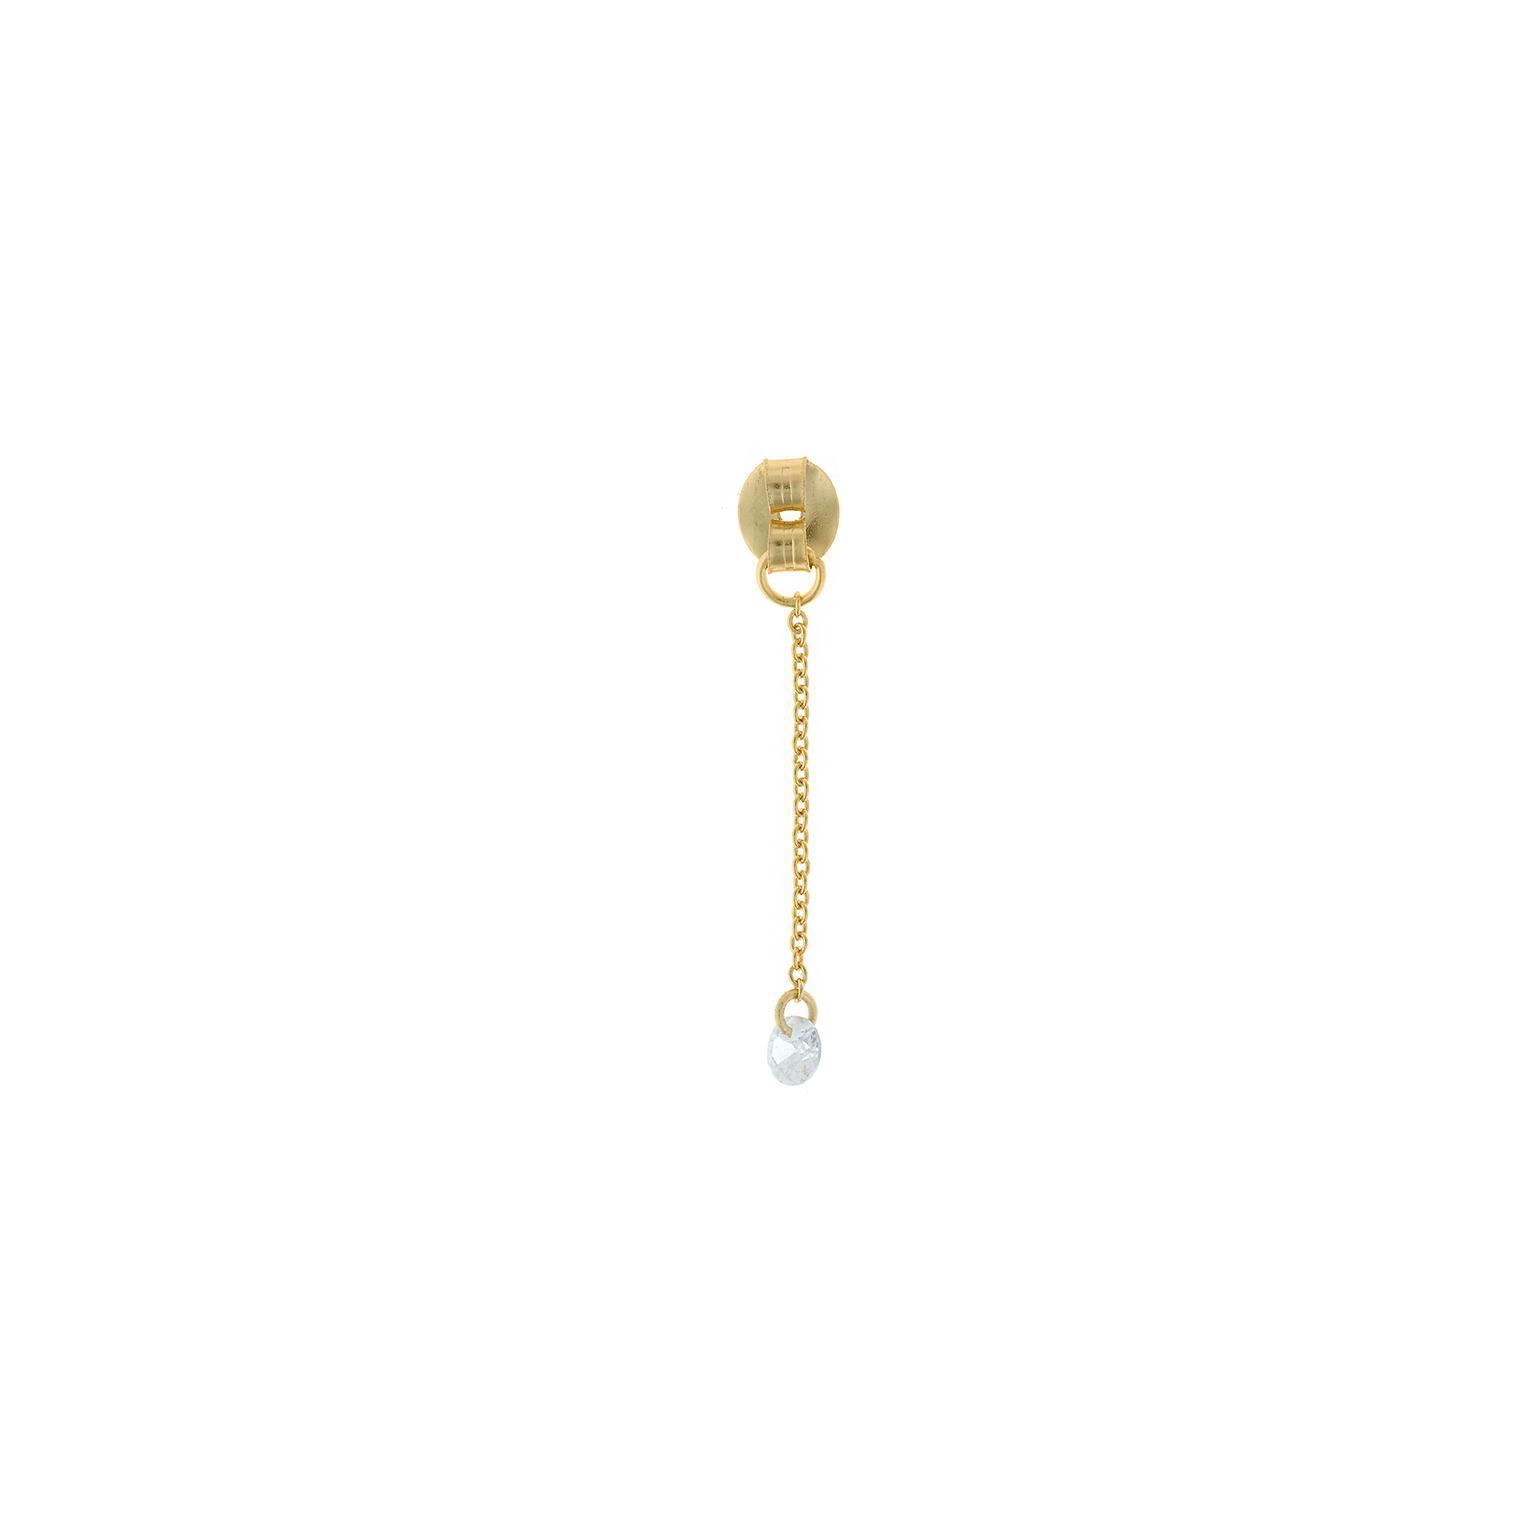 Charm  plata Salvatore cadena dorados,  con circonita blanca brillante